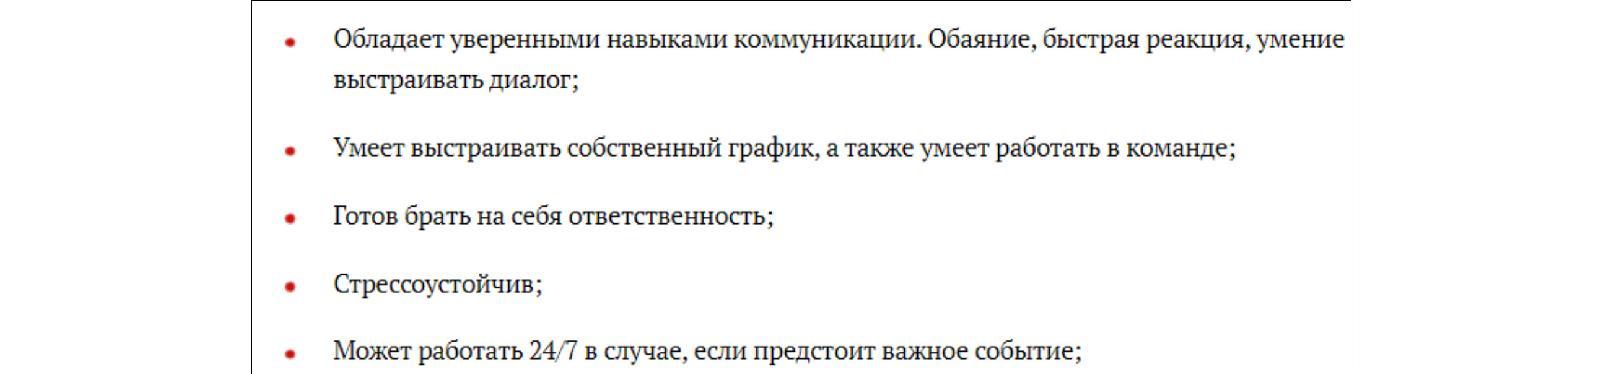 Типичный набор soft skills в вакансии на сайте sobaka.ru